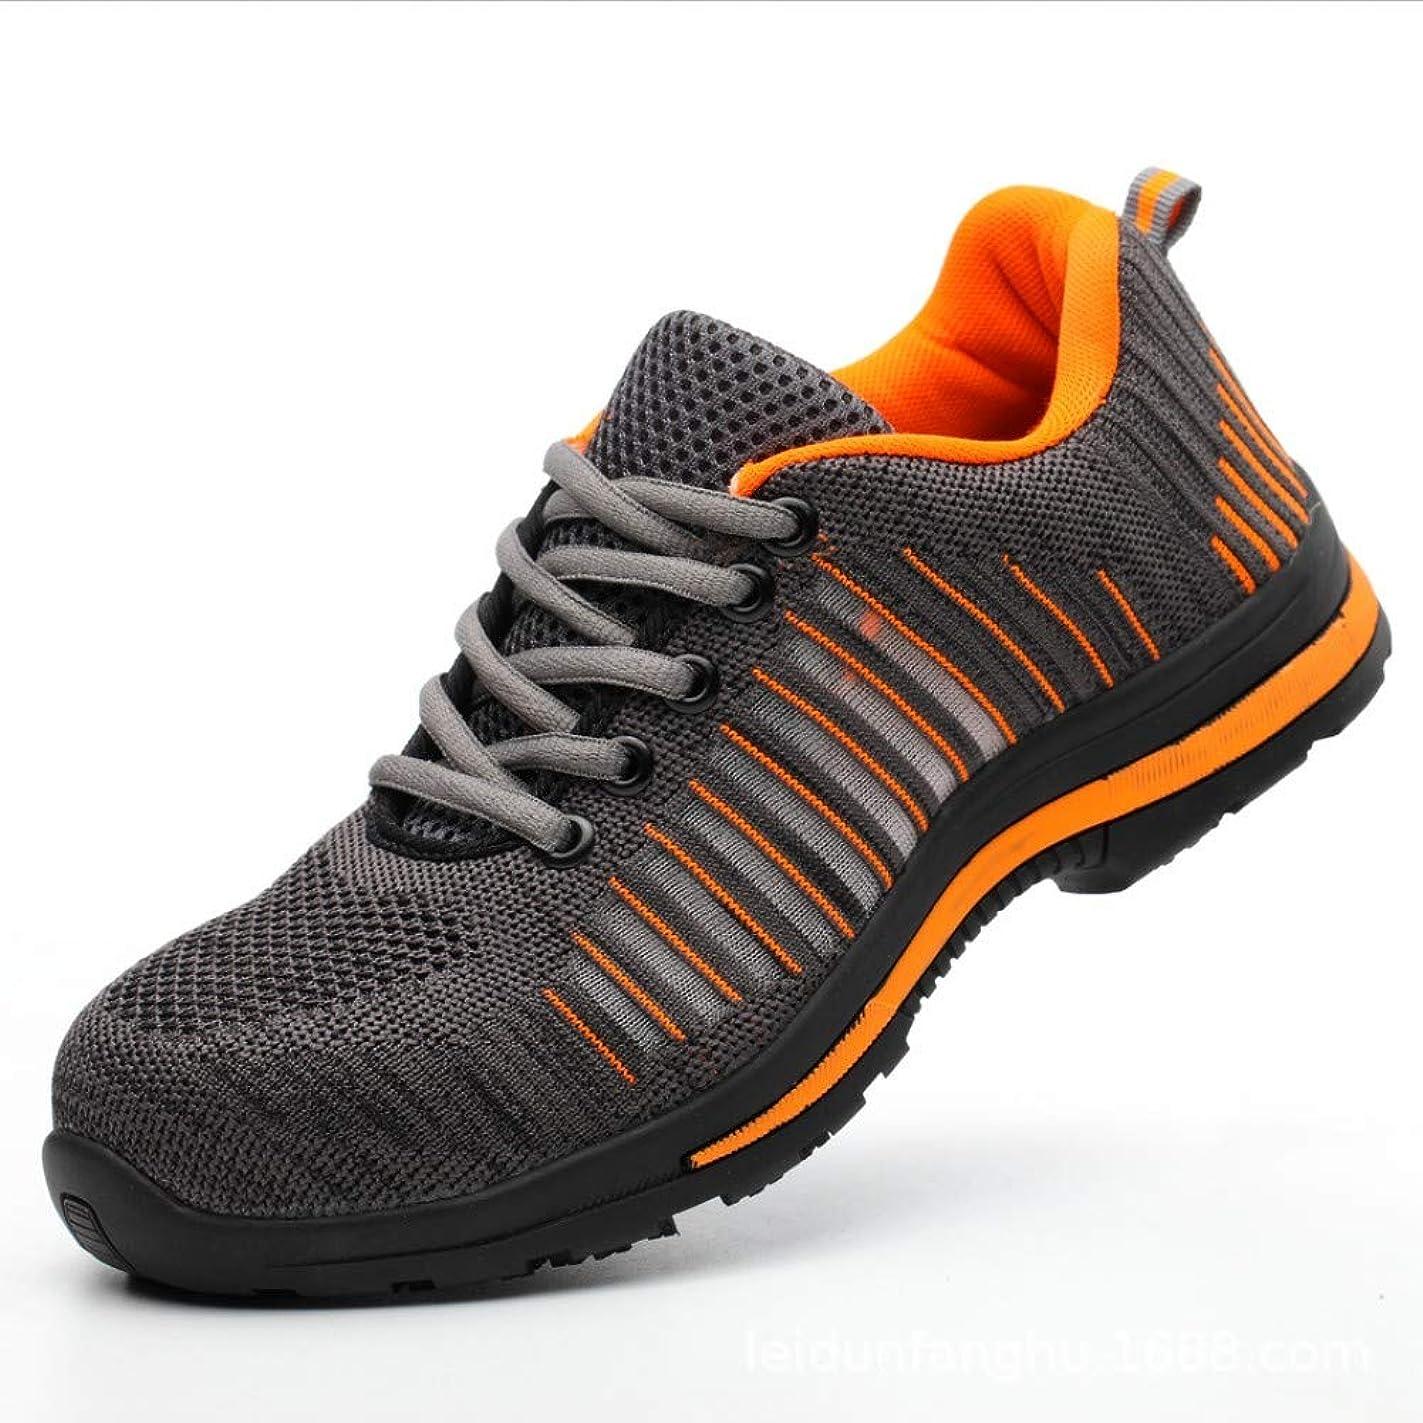 アウトドア小間ピース安全靴 作業靴 メンズ レディース 登山靴 つま先靴底防護鋼片付き 耐磨耗 衝撃吸収